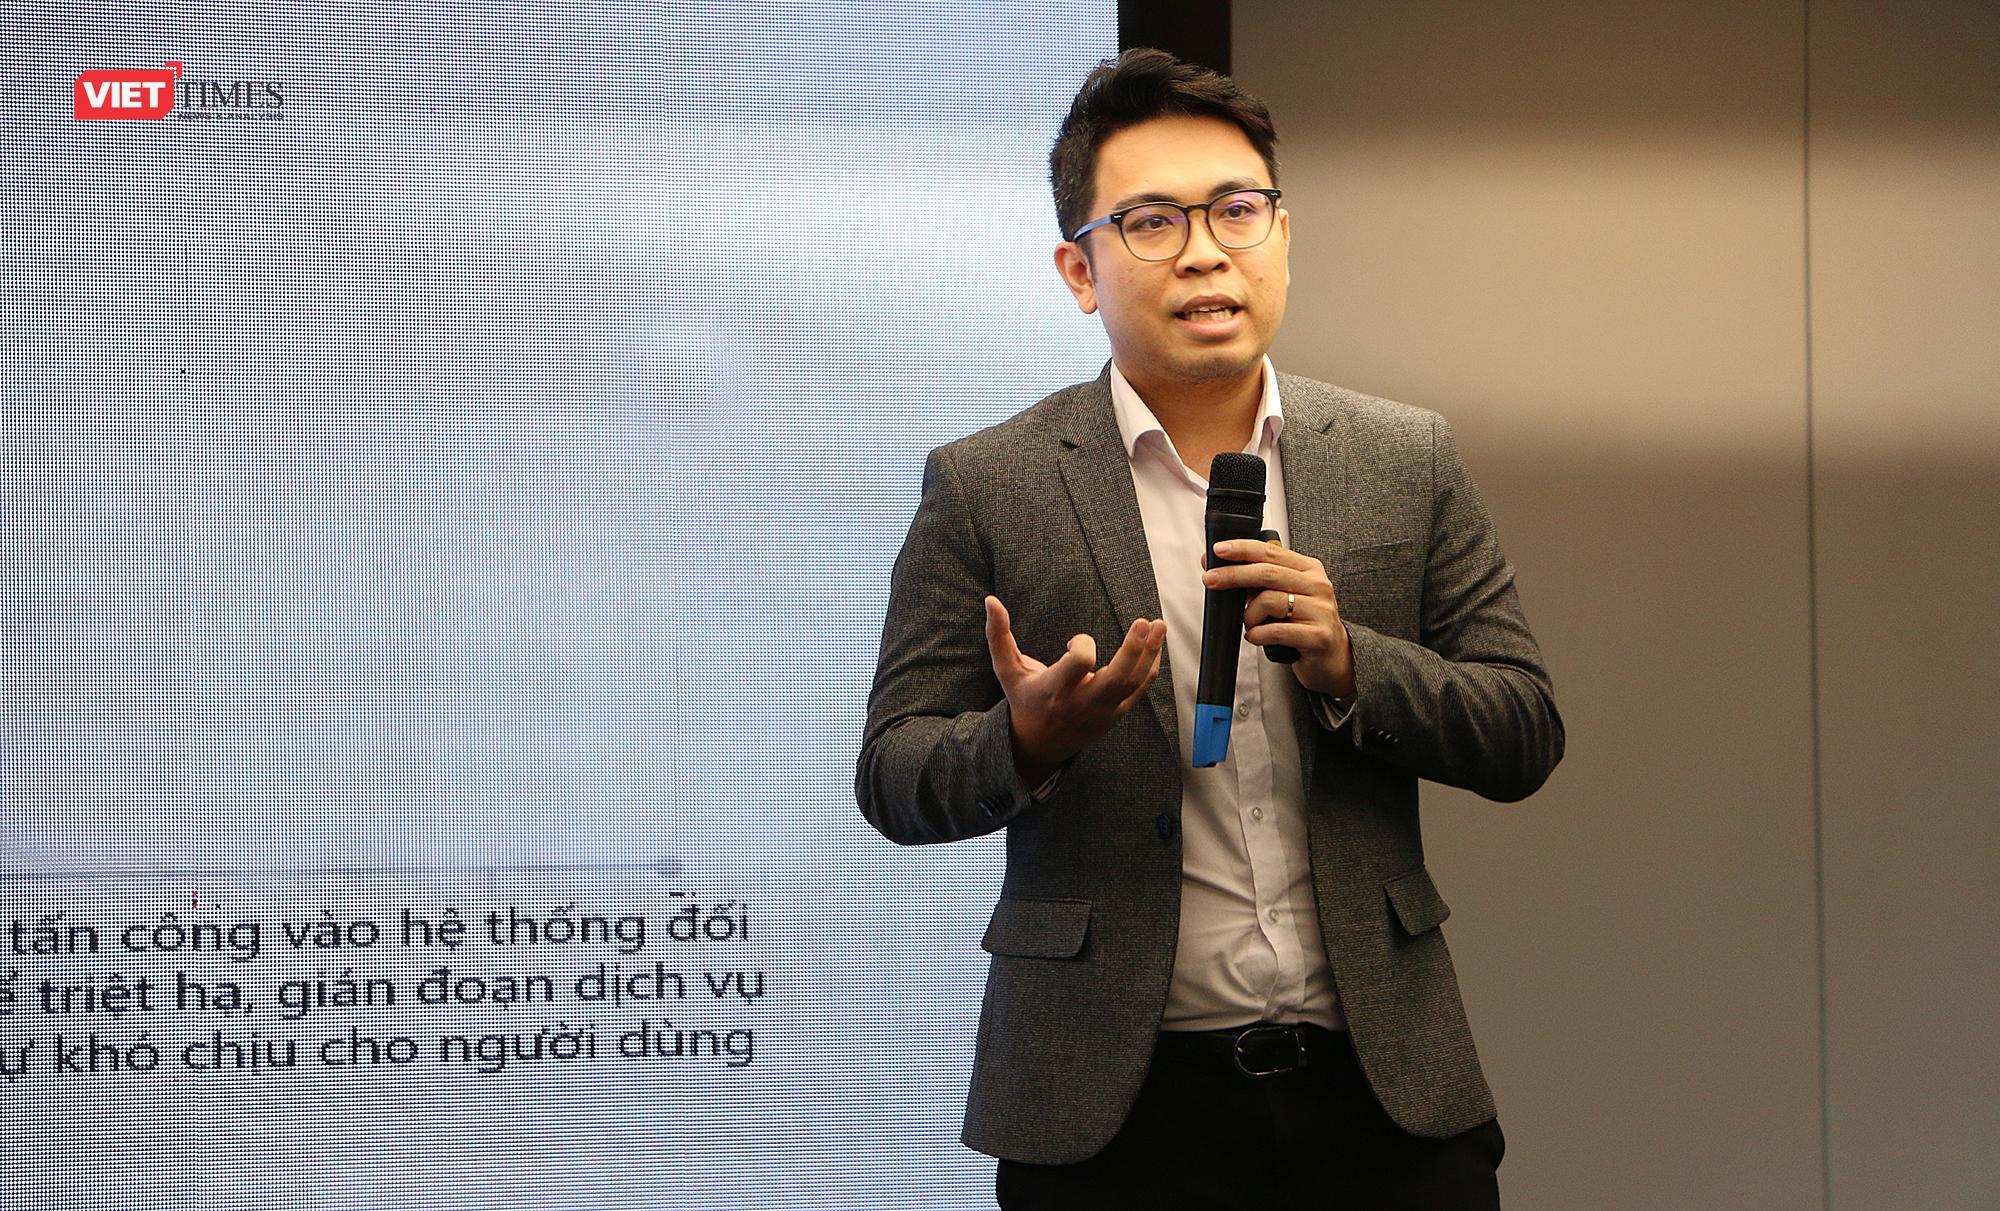 Ông Hà Thế Phương – Phó tổng Giám đốc CMC Cyber Security.